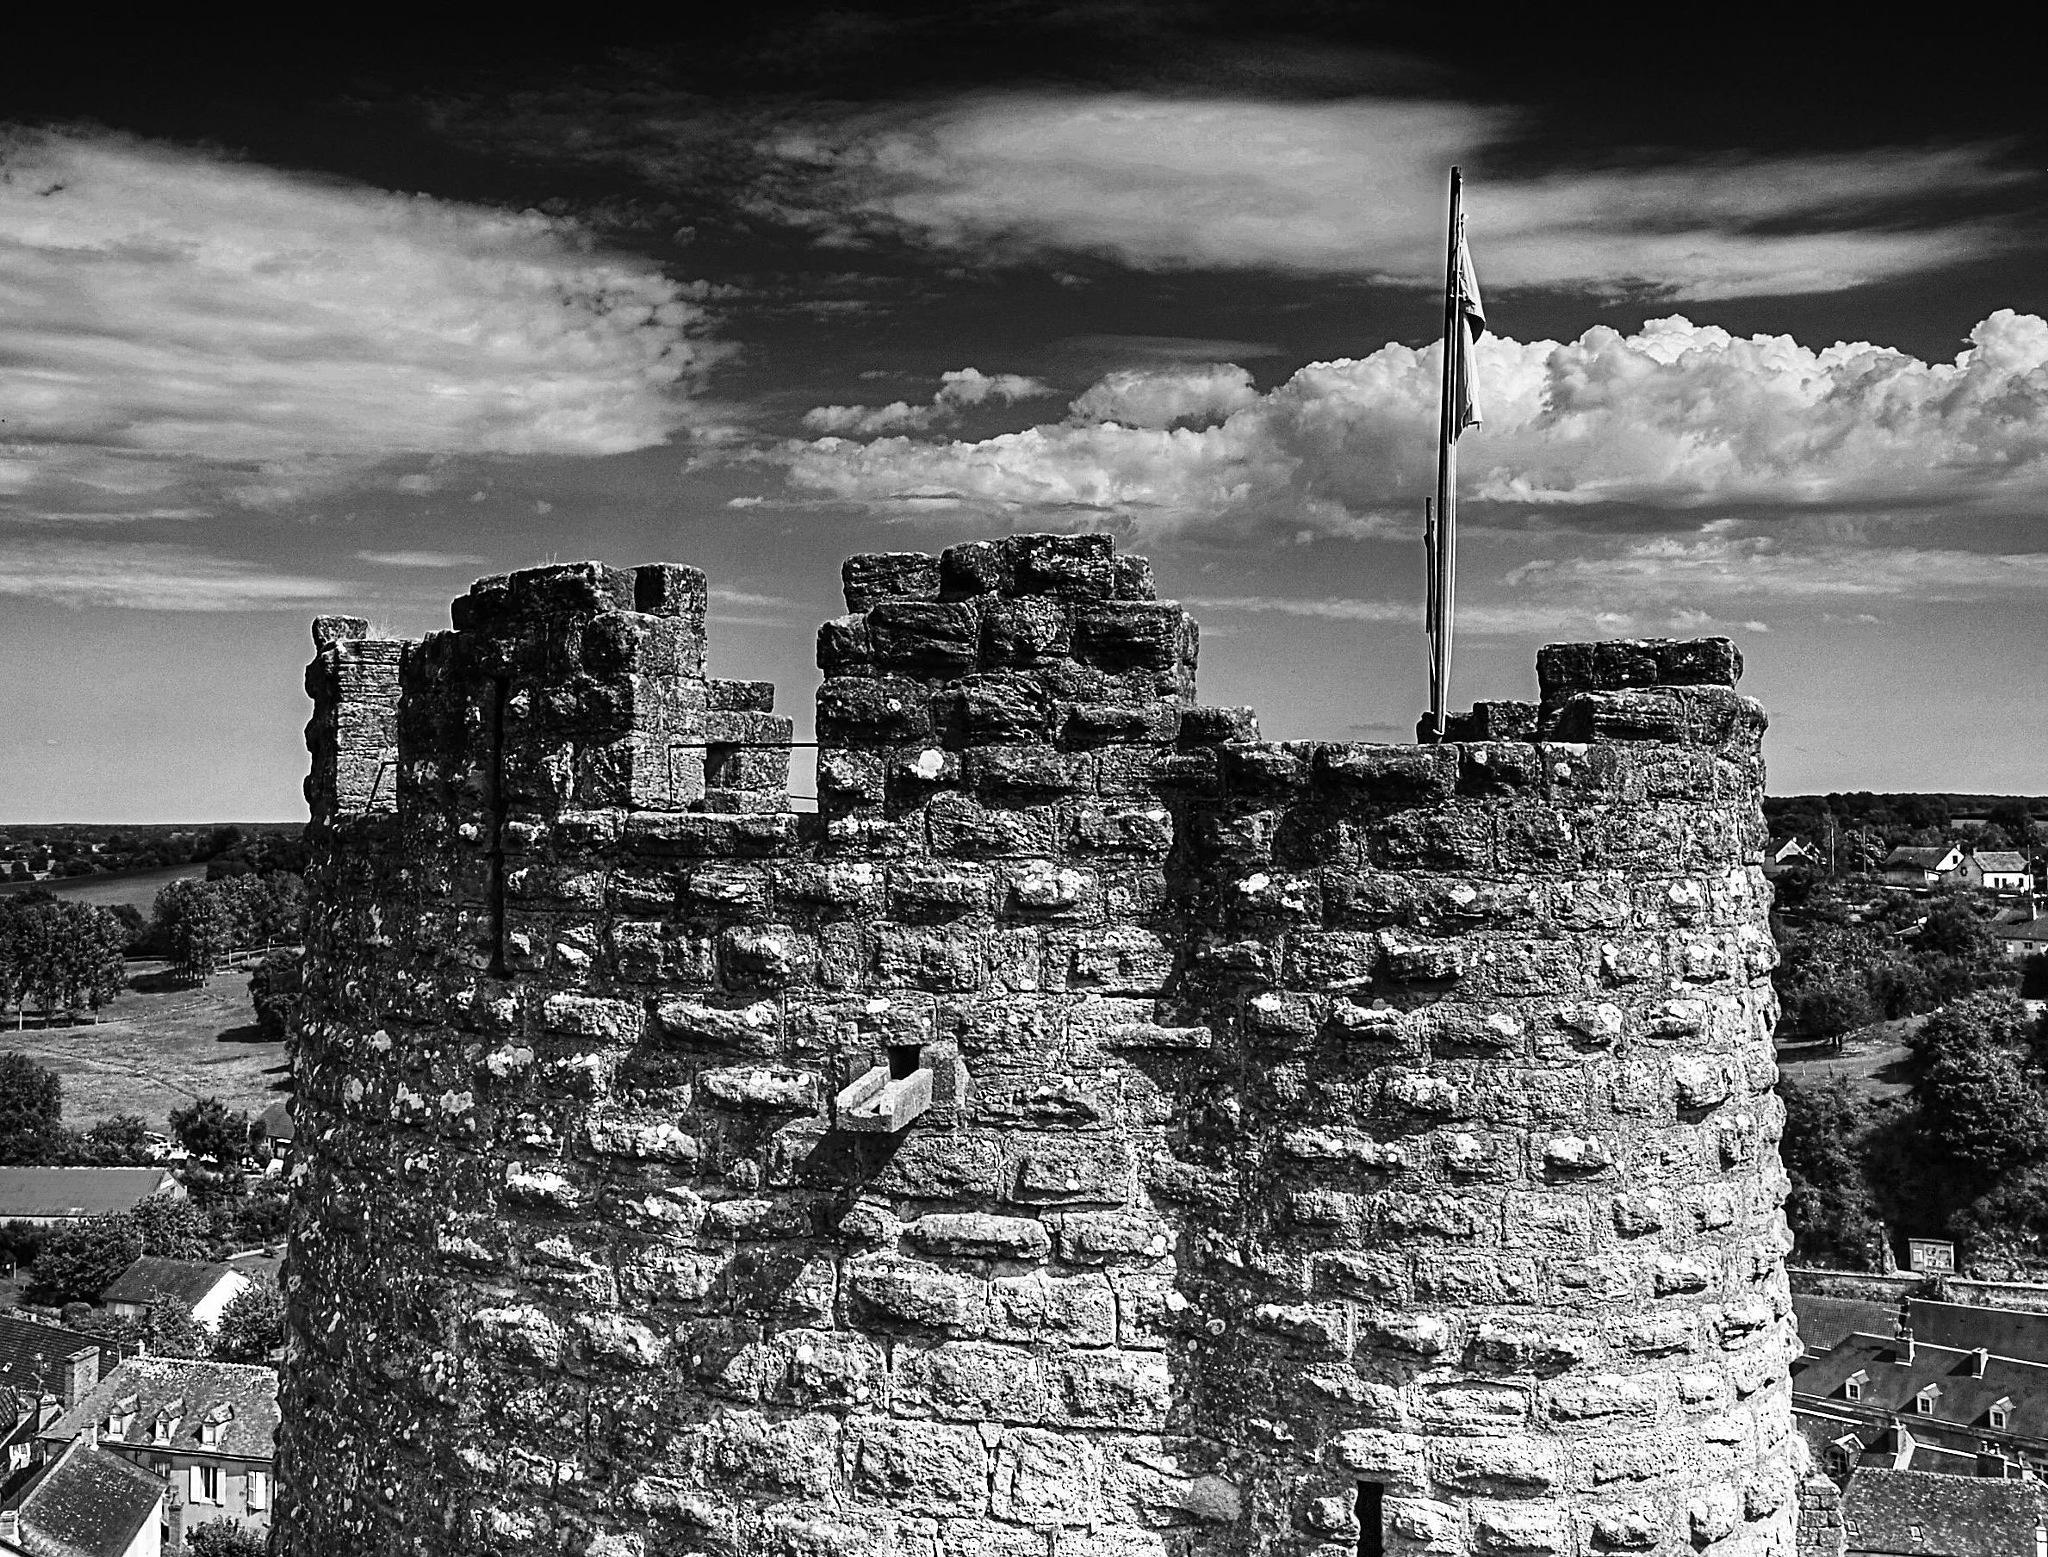 La forteresse médiévale, Bourbon l' Archambault by Armio